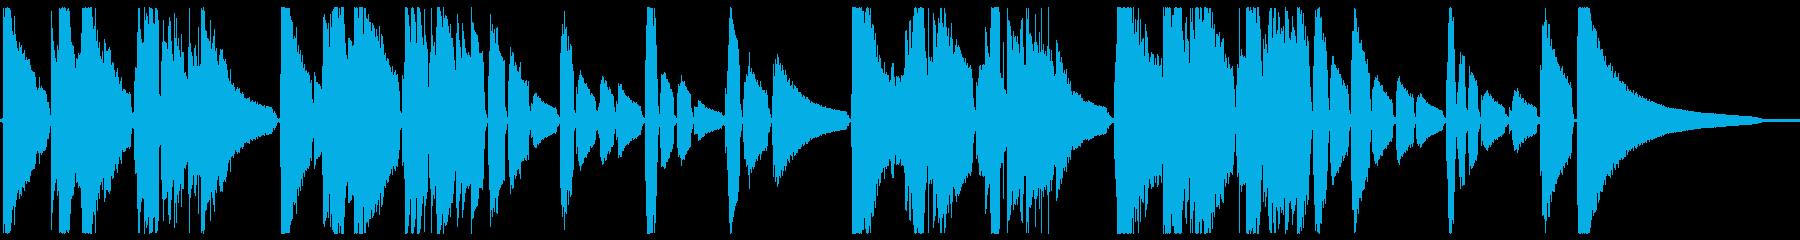 現代音楽風なギター小作品の再生済みの波形